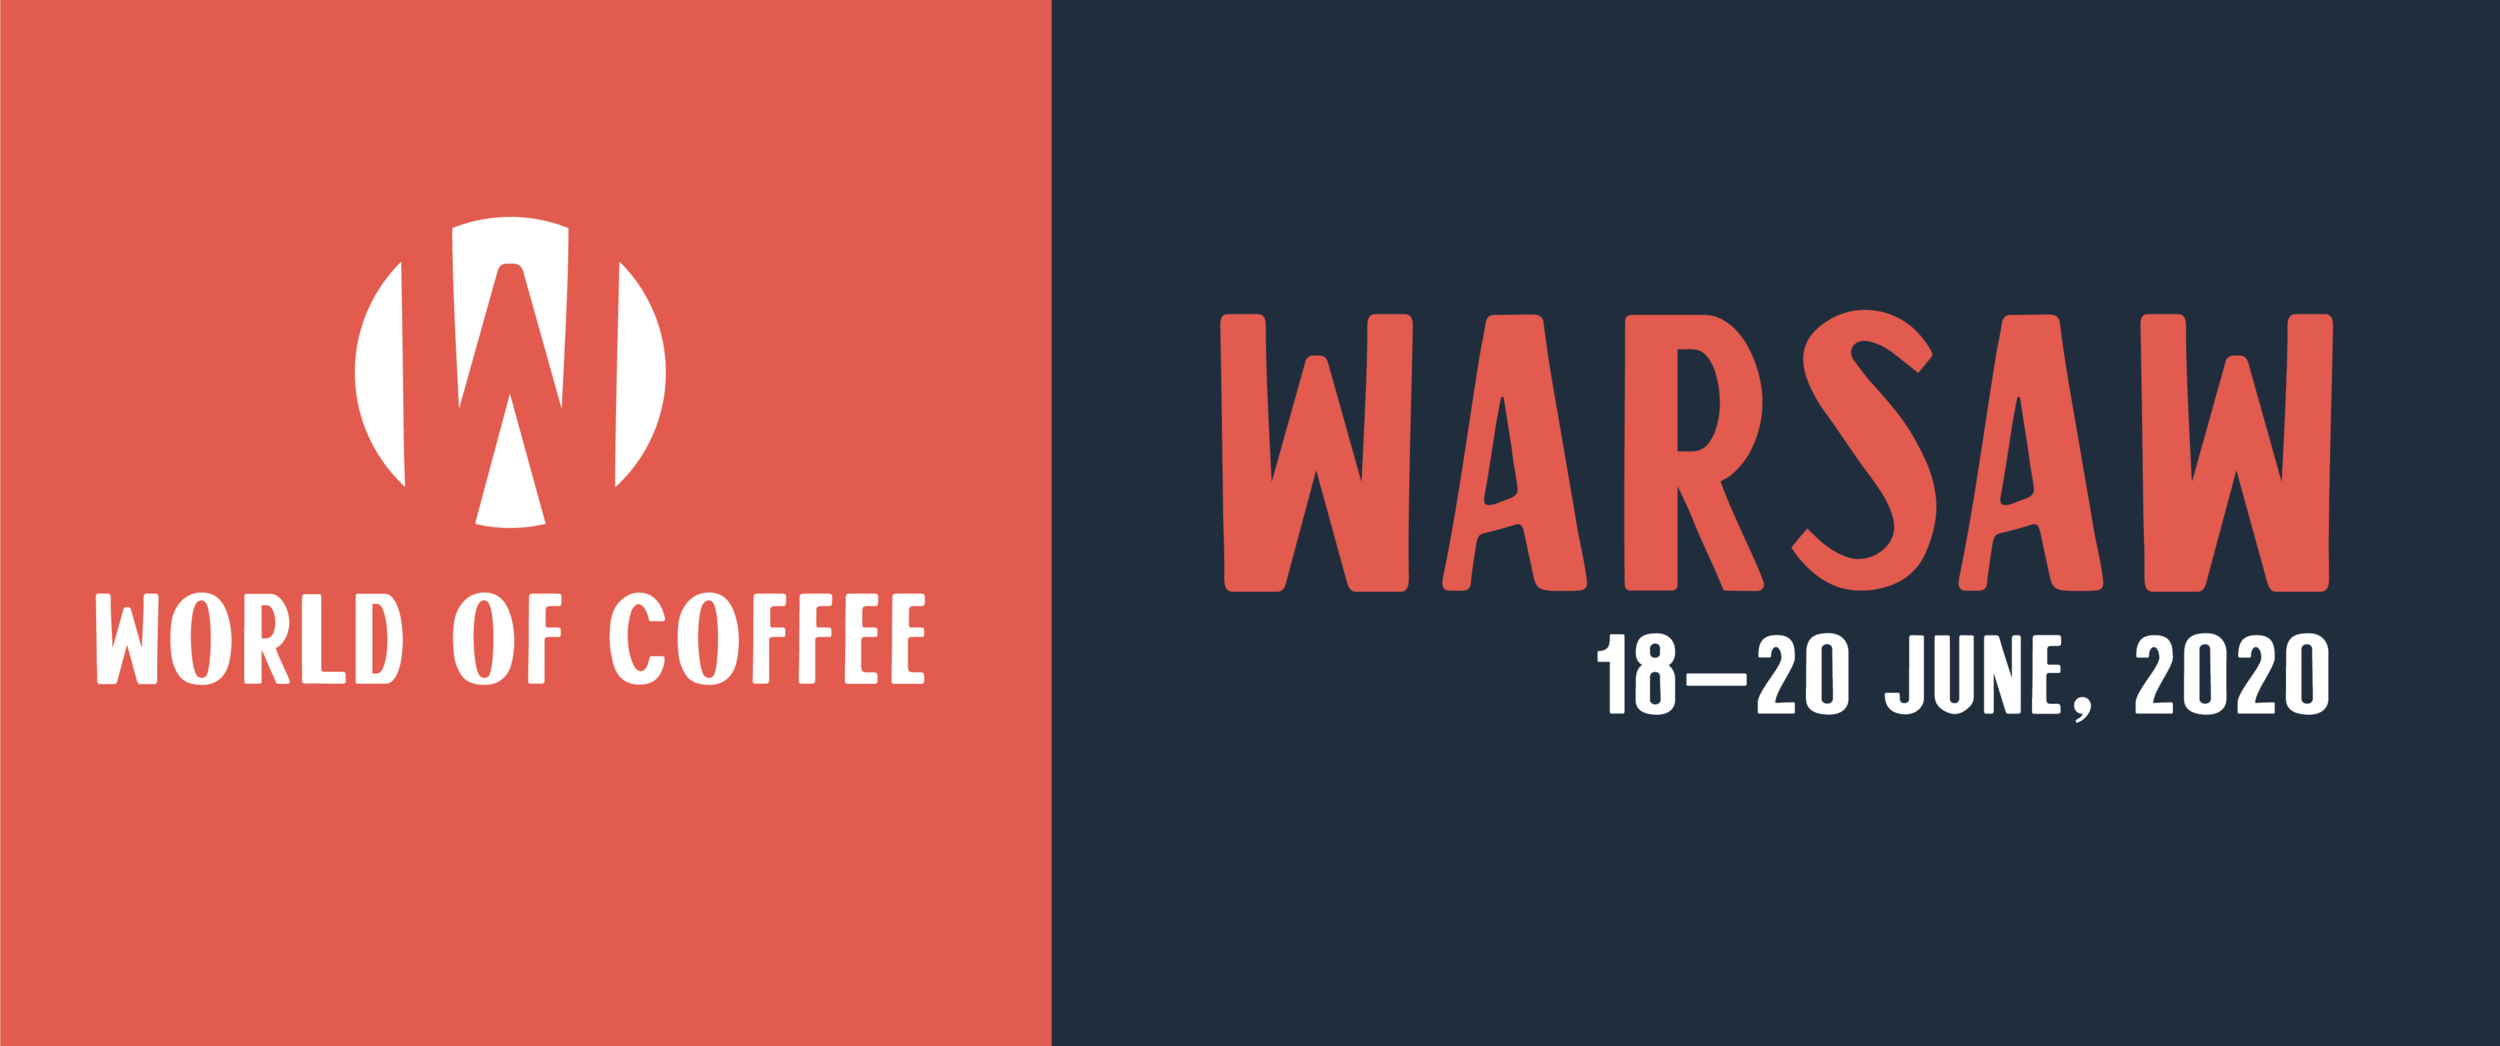 WARSAW 2020.png